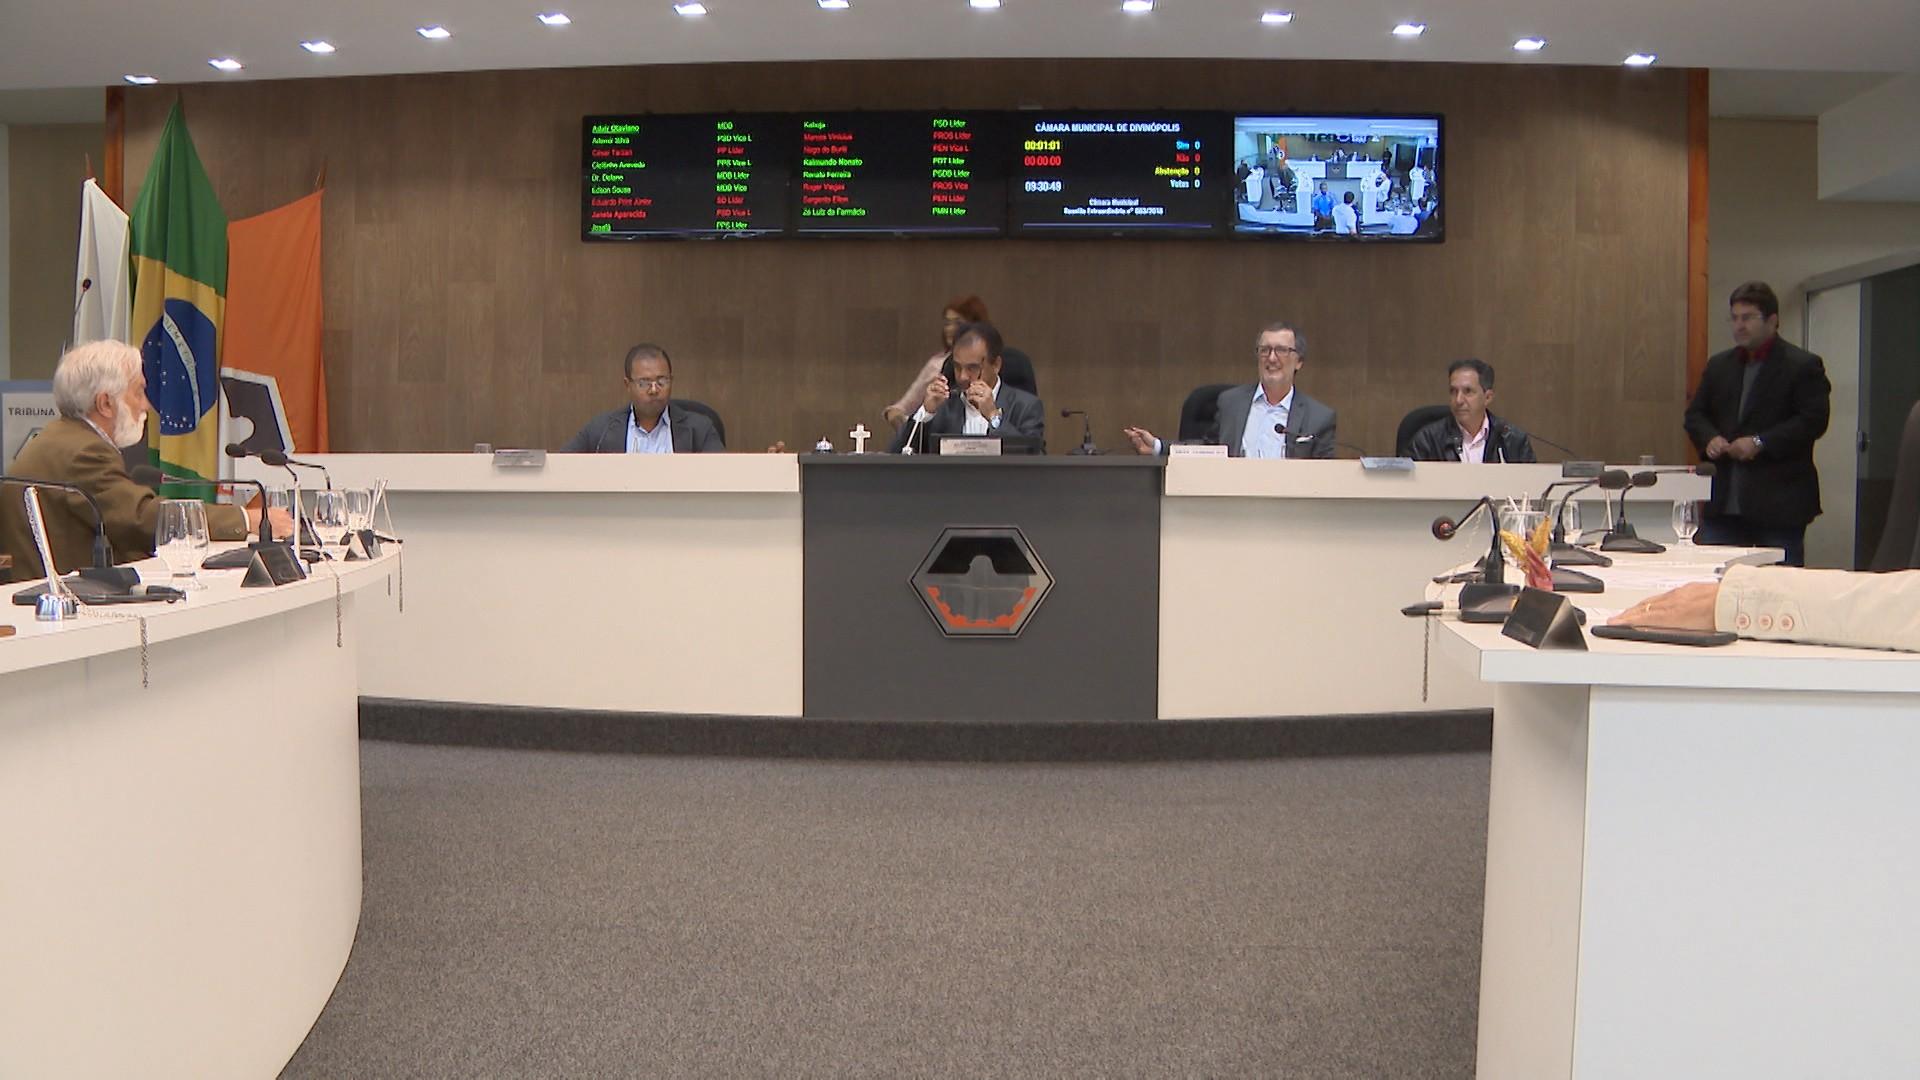 Câmara de Divinópolis aprova projeto para reforma administrativa, suplementação orçamentária e permuta de imóvel